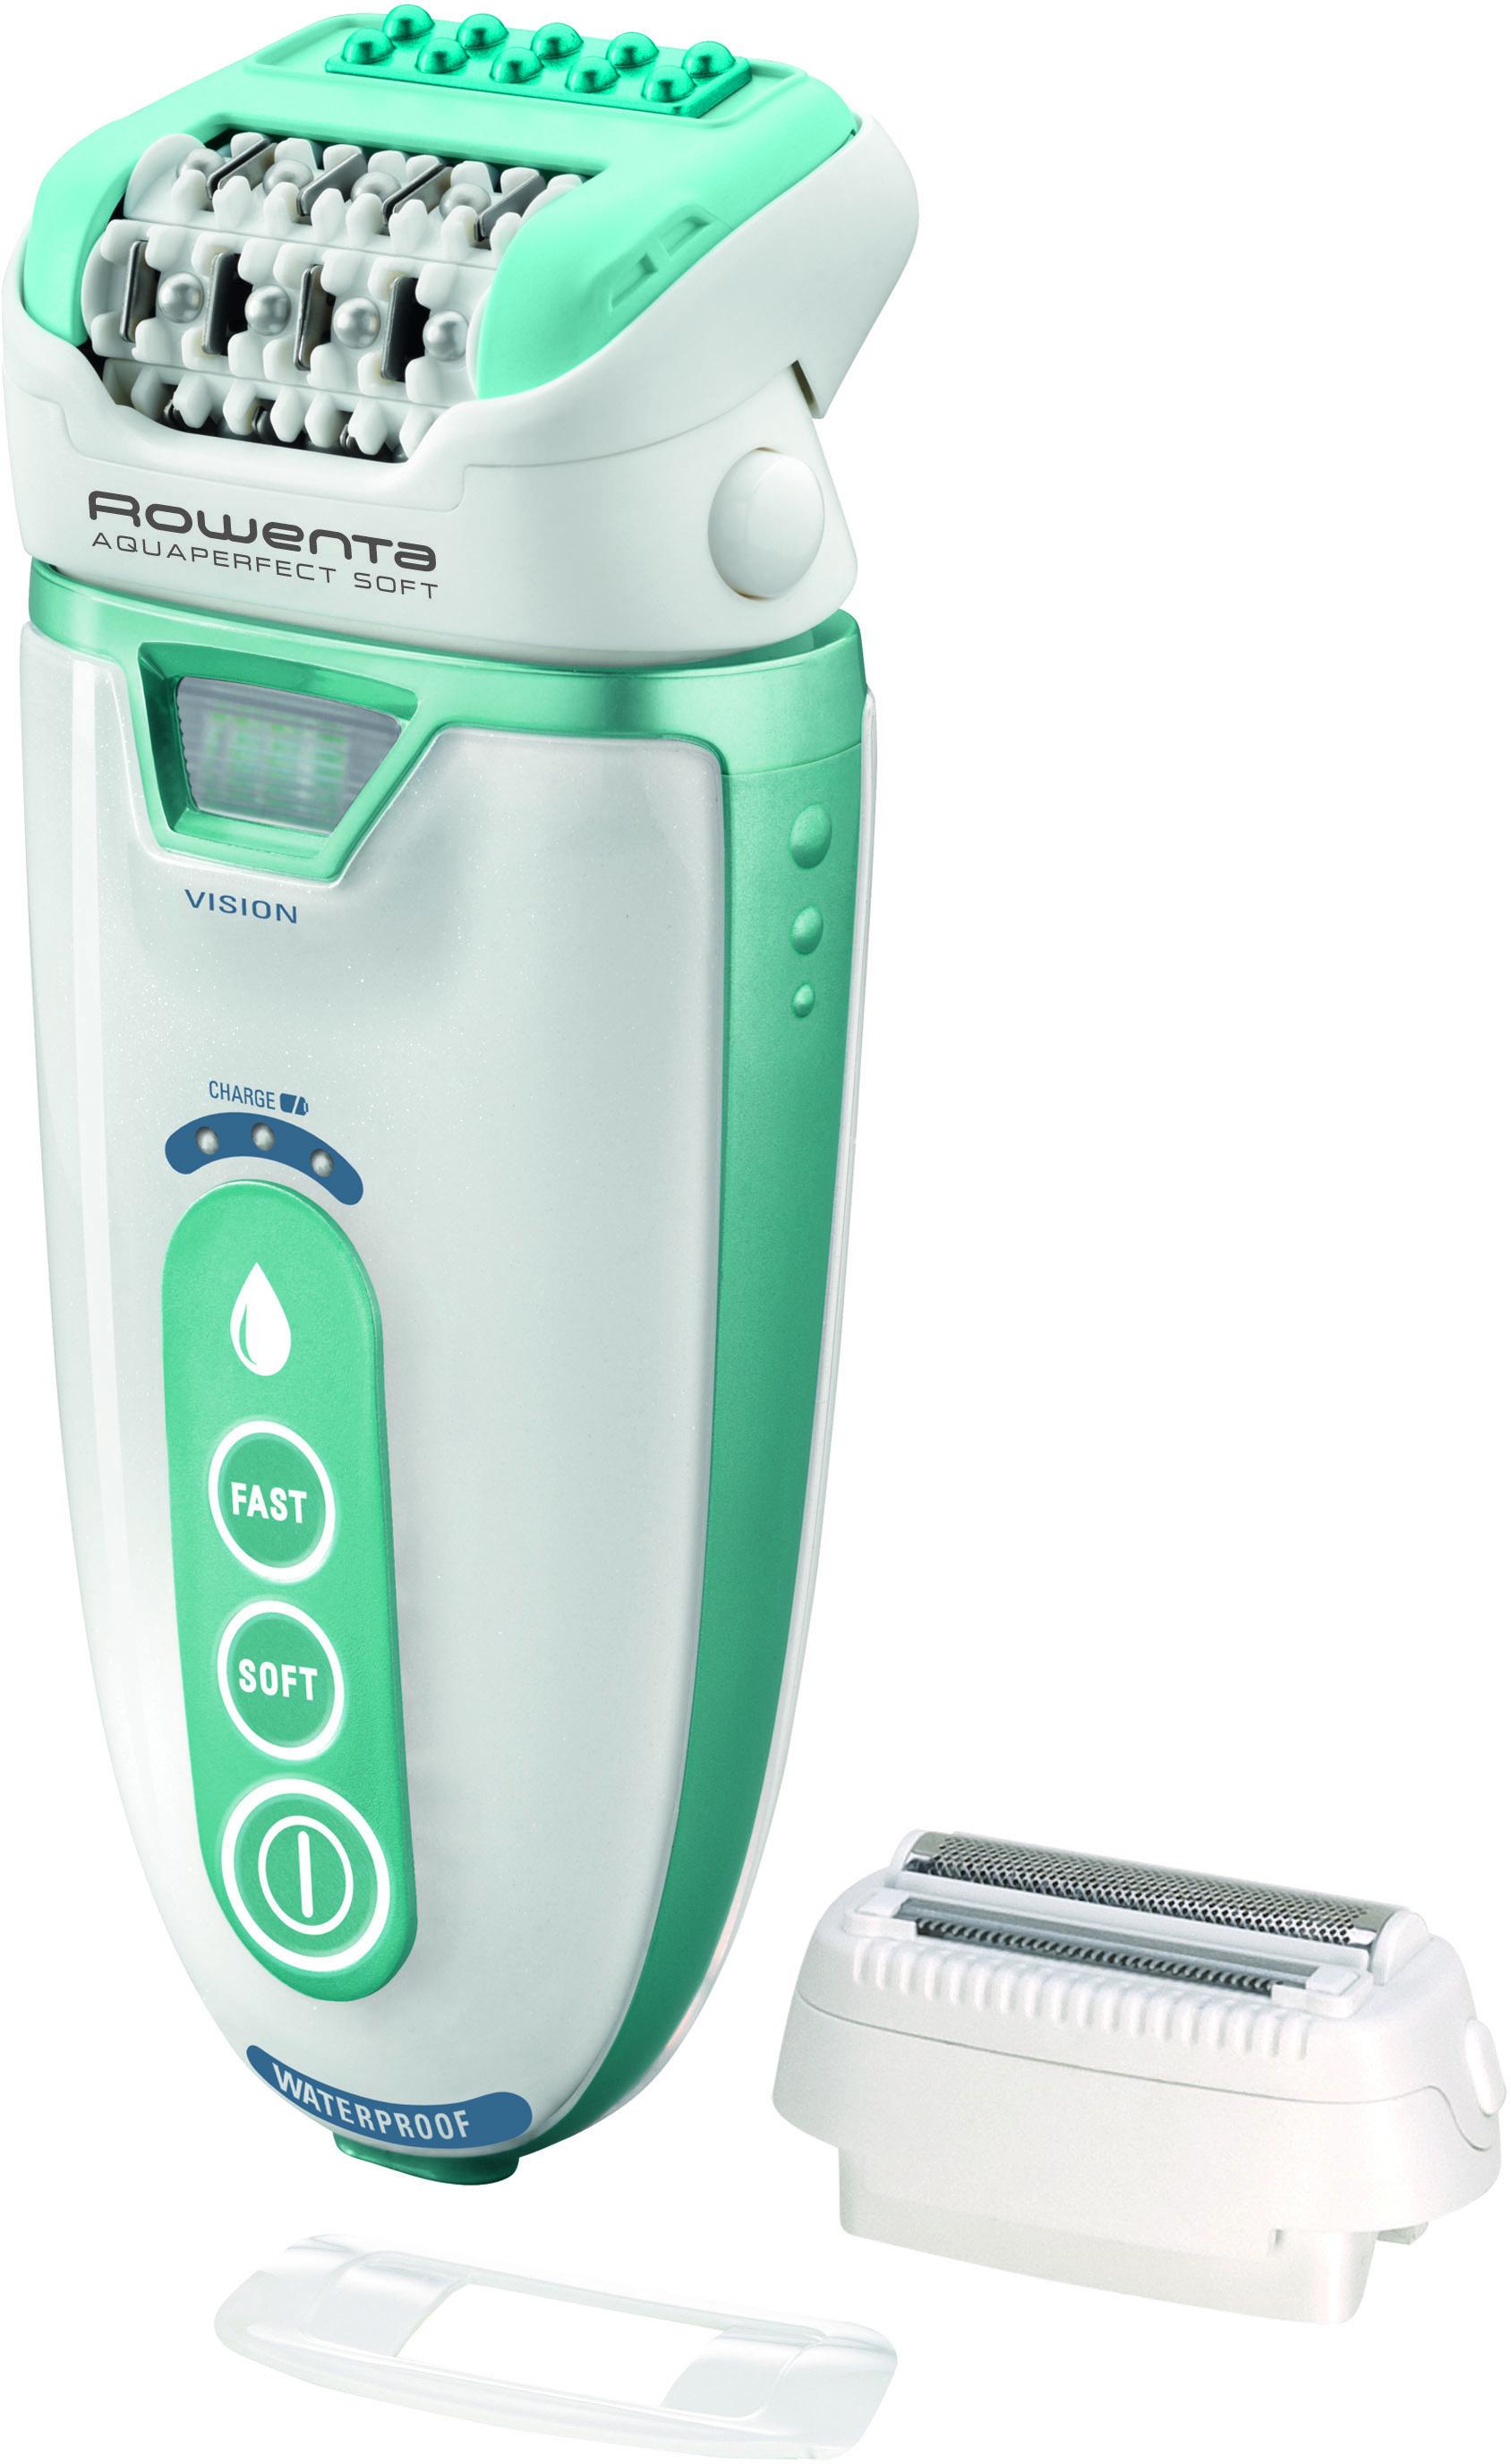 Rowenta EP9300D0 AquaSoft эпиляторEP9300D0Rowenta EP9300 - это пинцетный эпилятор, предназначенный для безболезненного удаления волос благодаря специальной системе вибротехнологии и возможности эпиляции в воде. Данная модель снабжена бритвенной насадкой и насадкой для эпиляции деликатных зон.